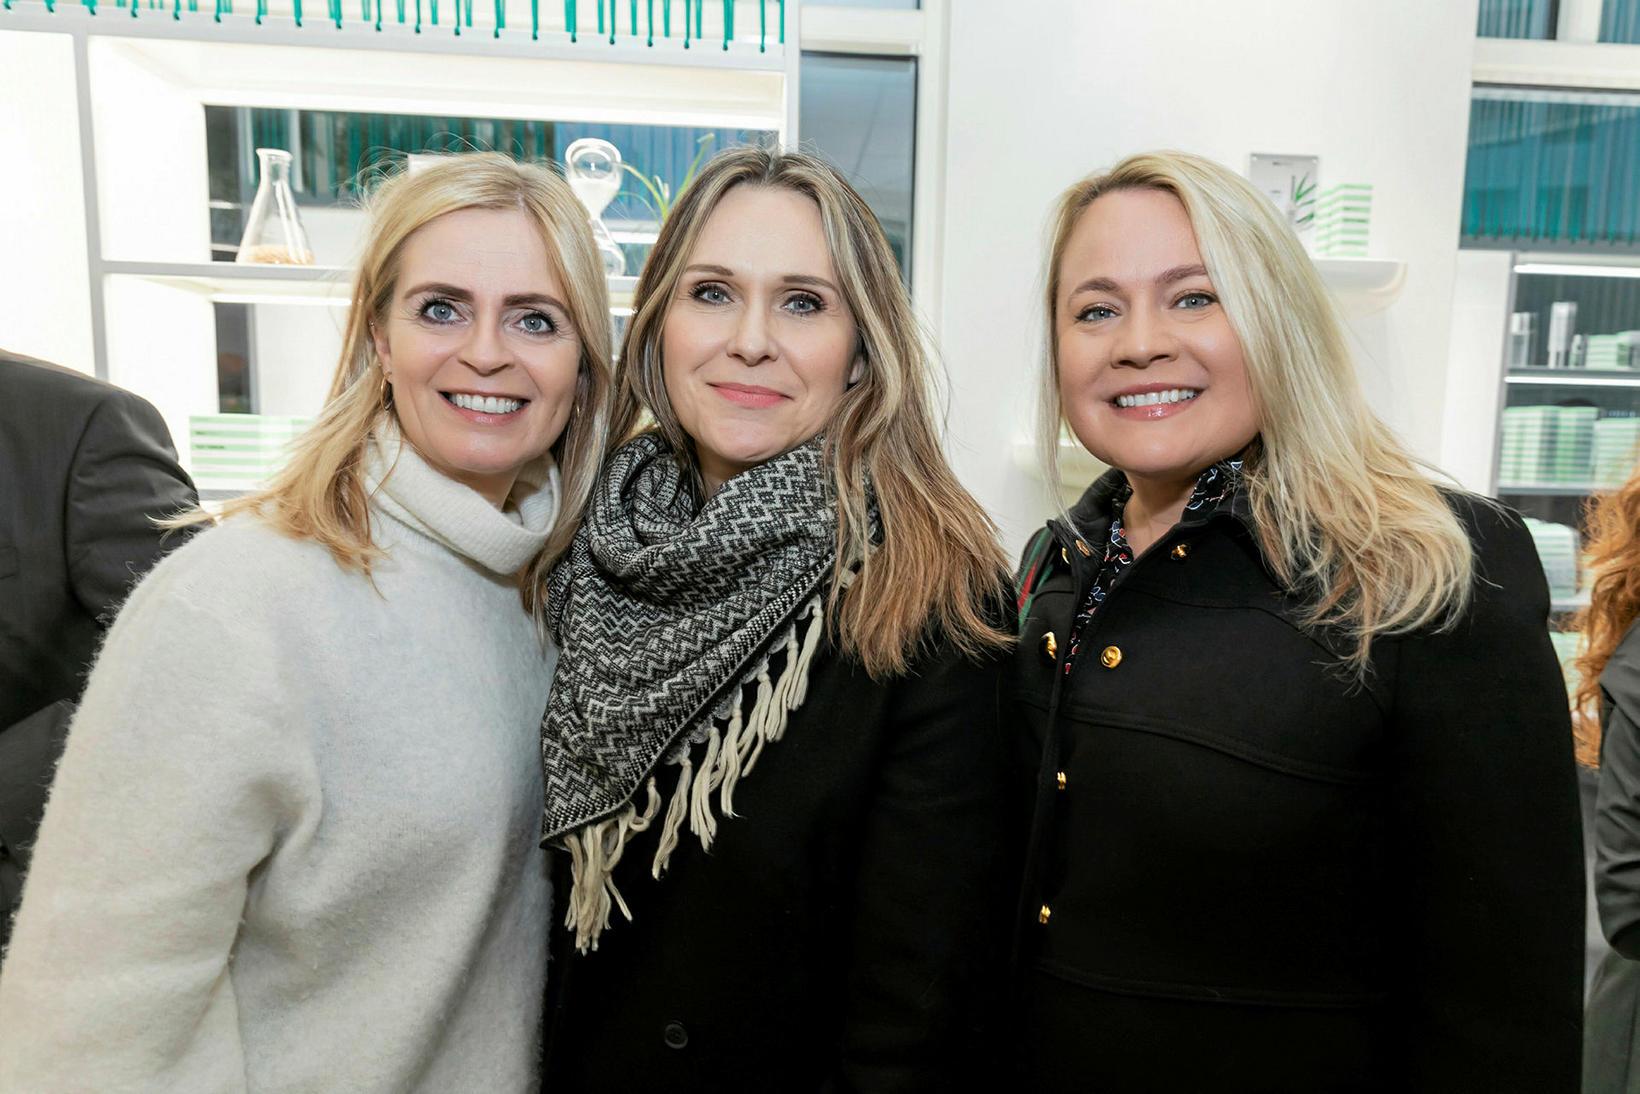 Elísabet Austmann, Hanna Ingibjörg Arnardóttir og Svanhvít Friðriksdóttir.